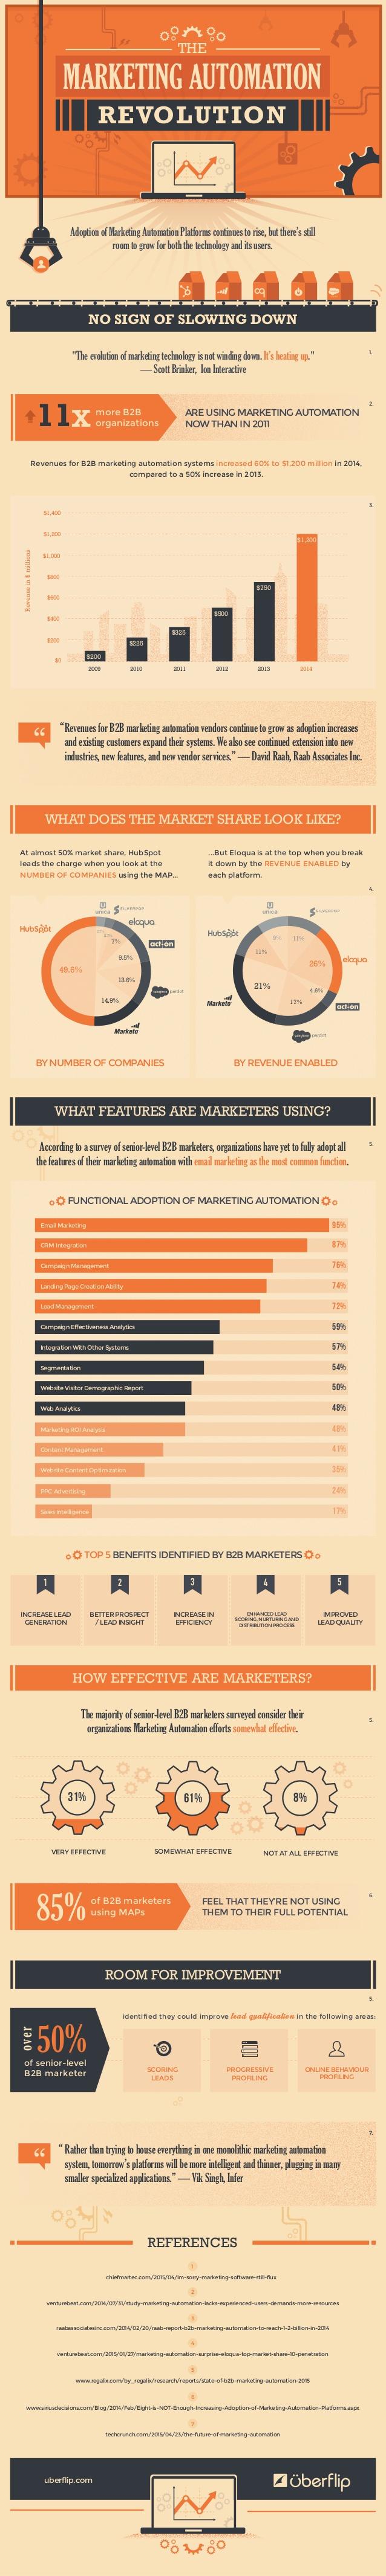 La revolución del Marketing Automation